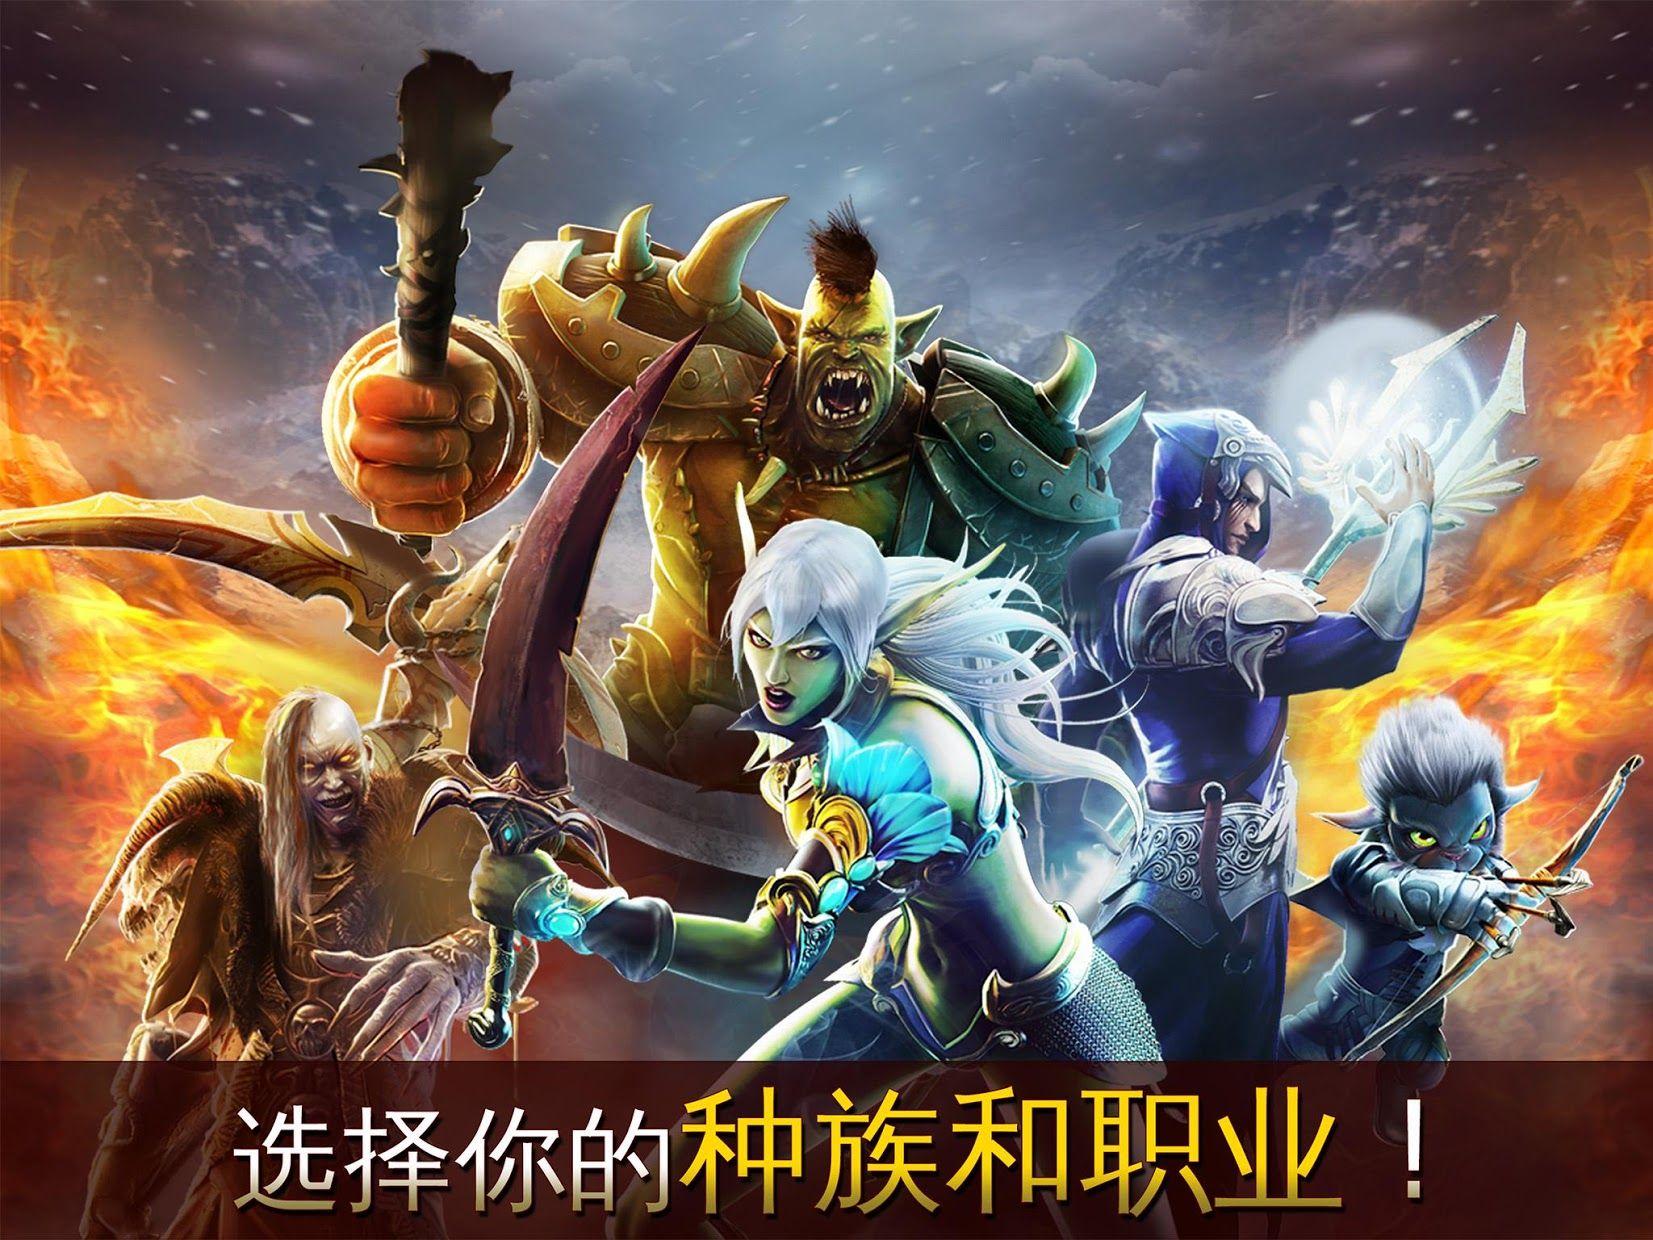 混沌与秩序Online - 魔幻3D MMORPG手游 游戏截图2